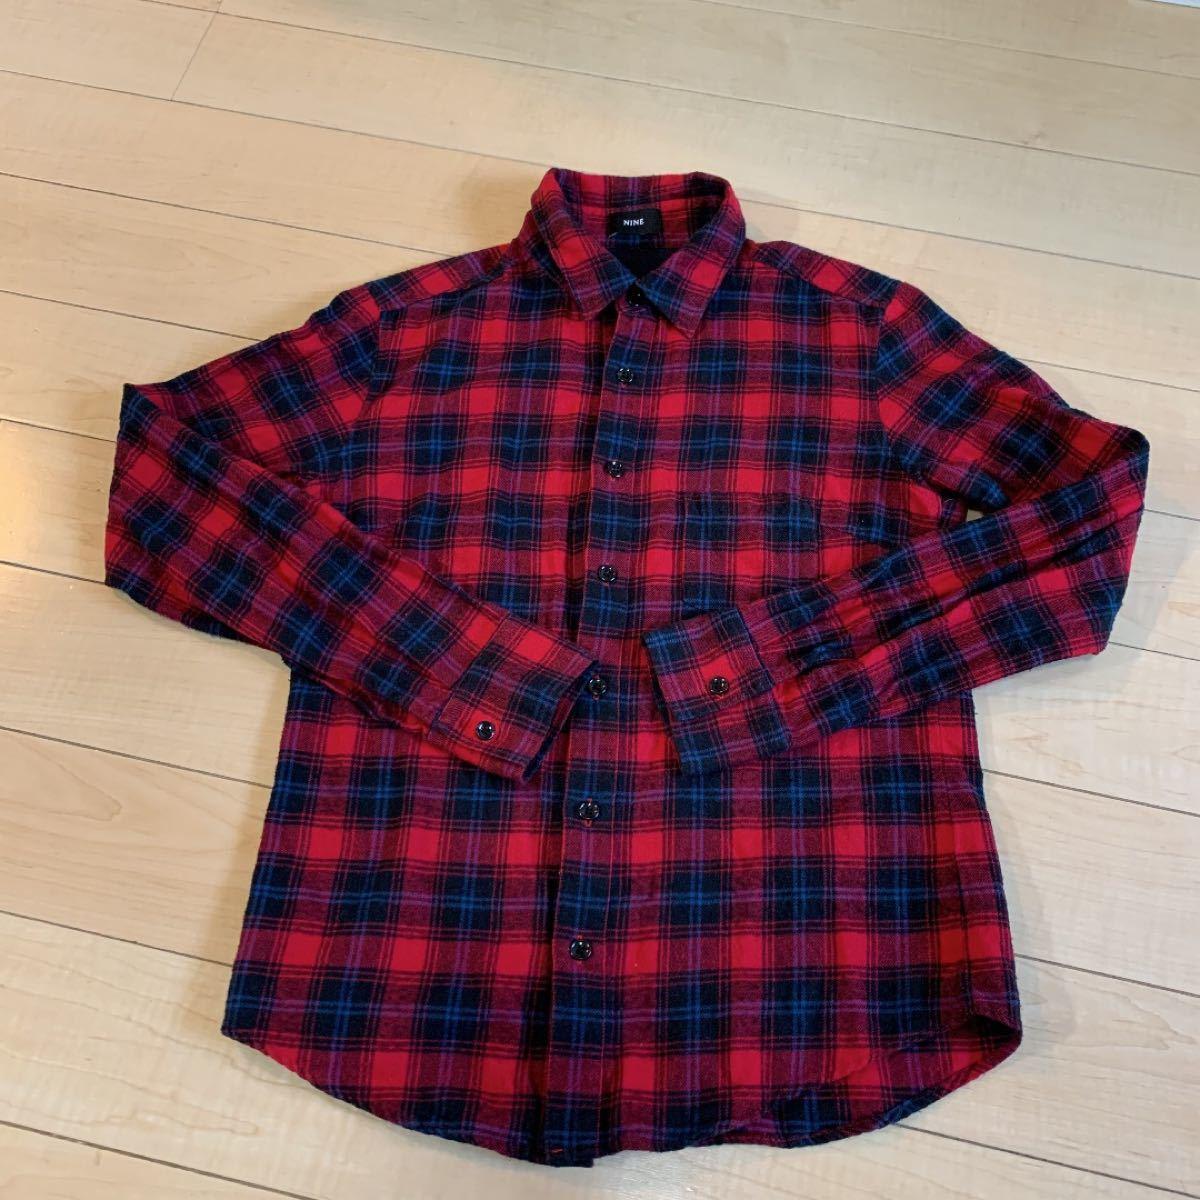 NINE ネルシャツ 長袖シャツ チェック柄 チェックシャツ